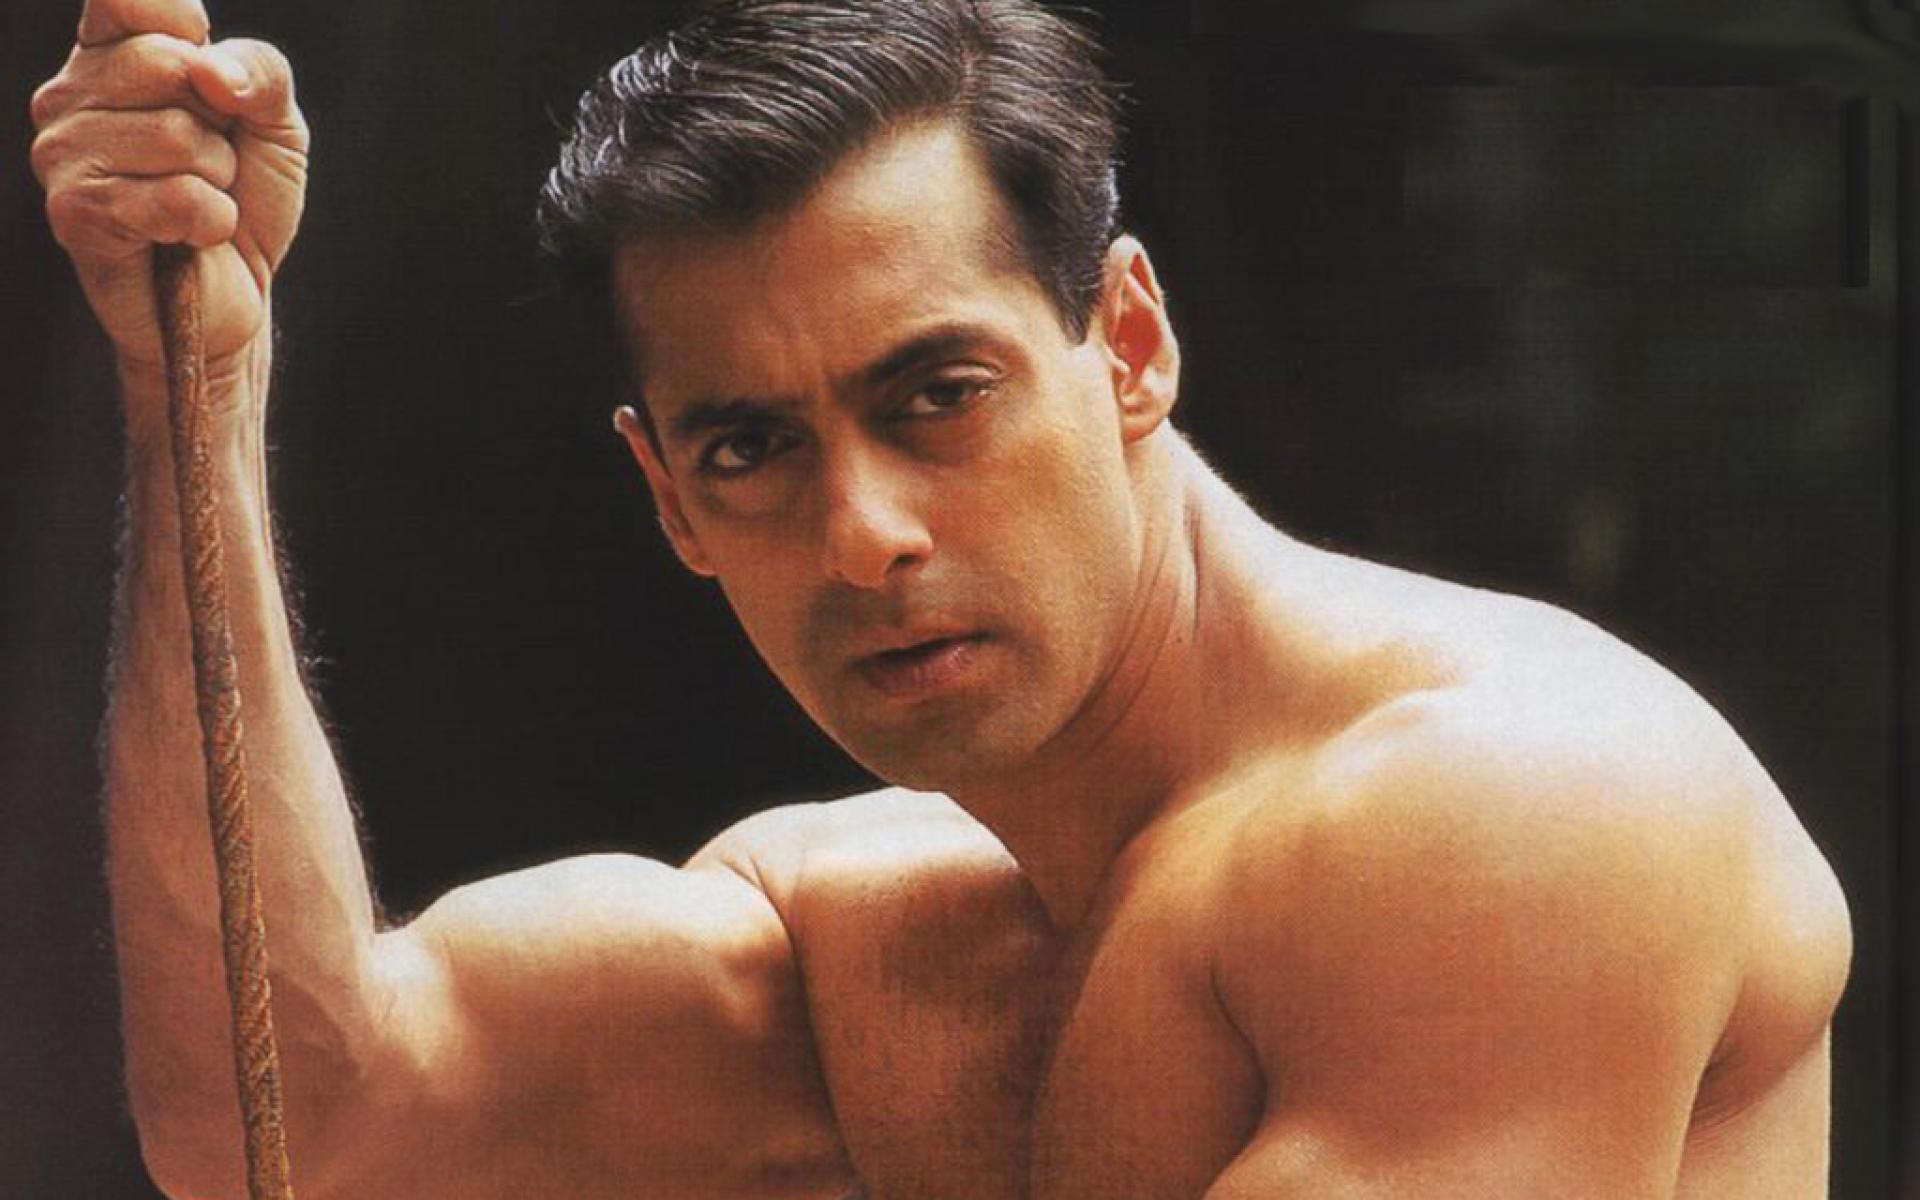 Hd wallpaper salman khan - Body Builder Salman Khan Hd Wallpaper